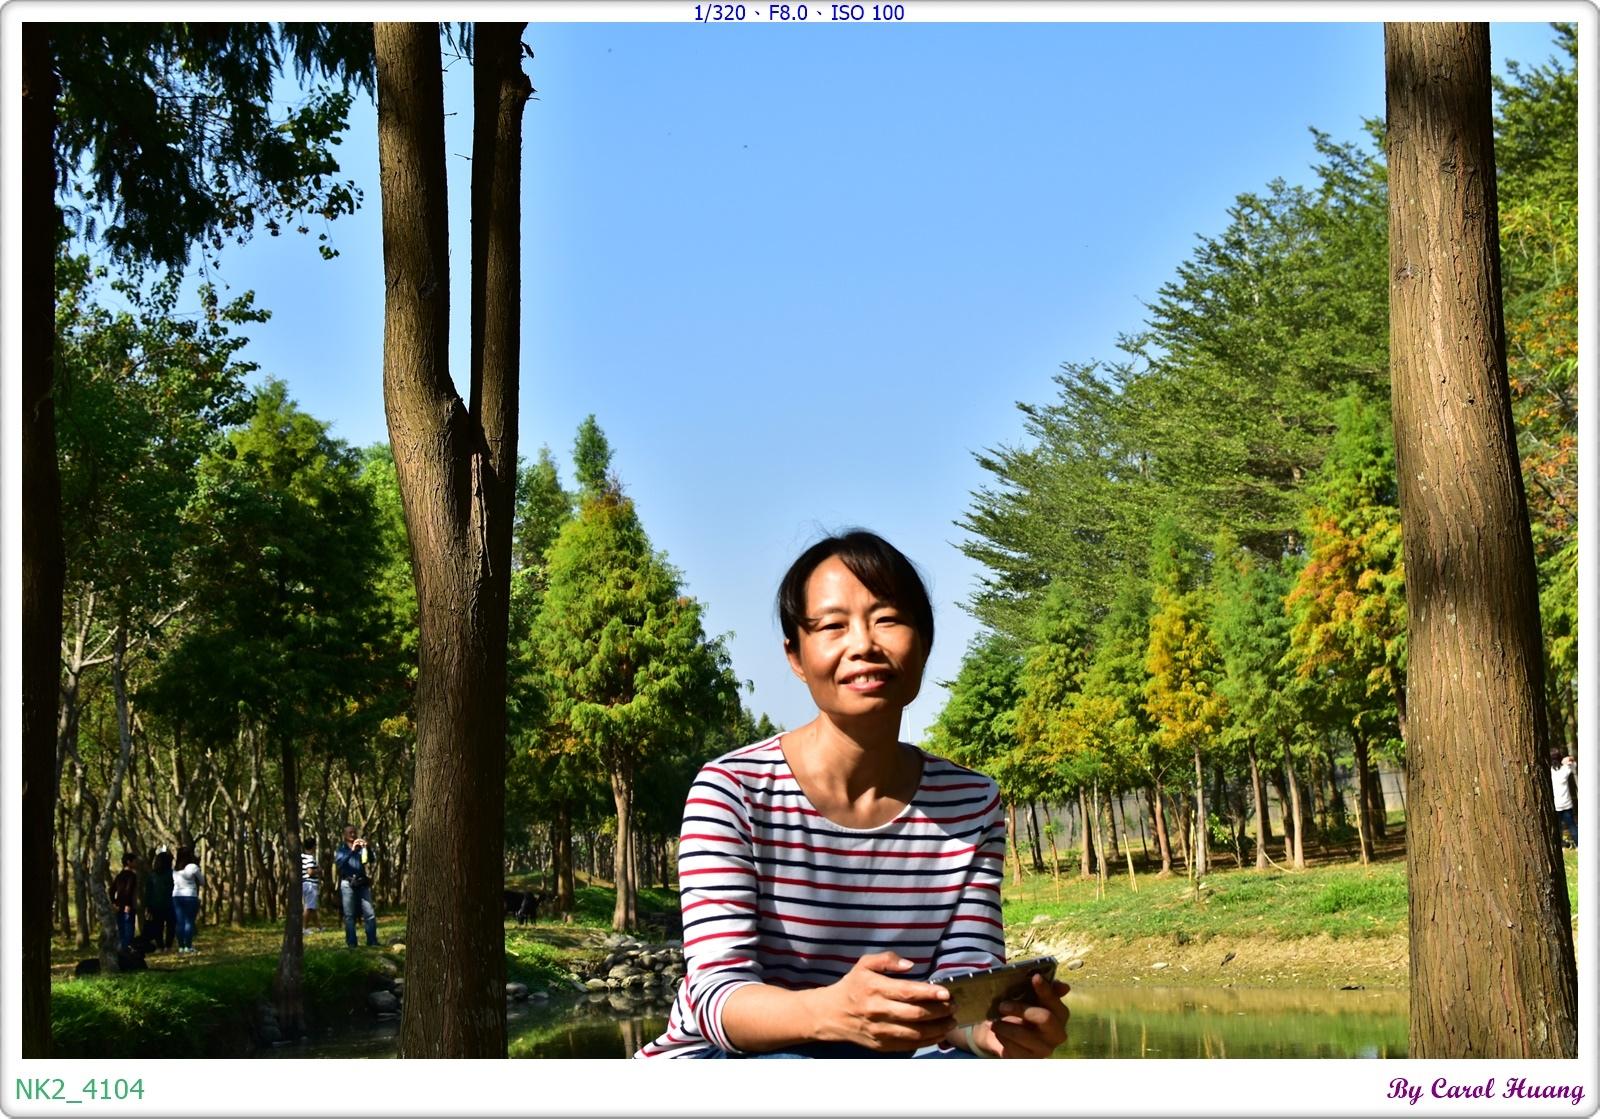 NK2_4104.JPG